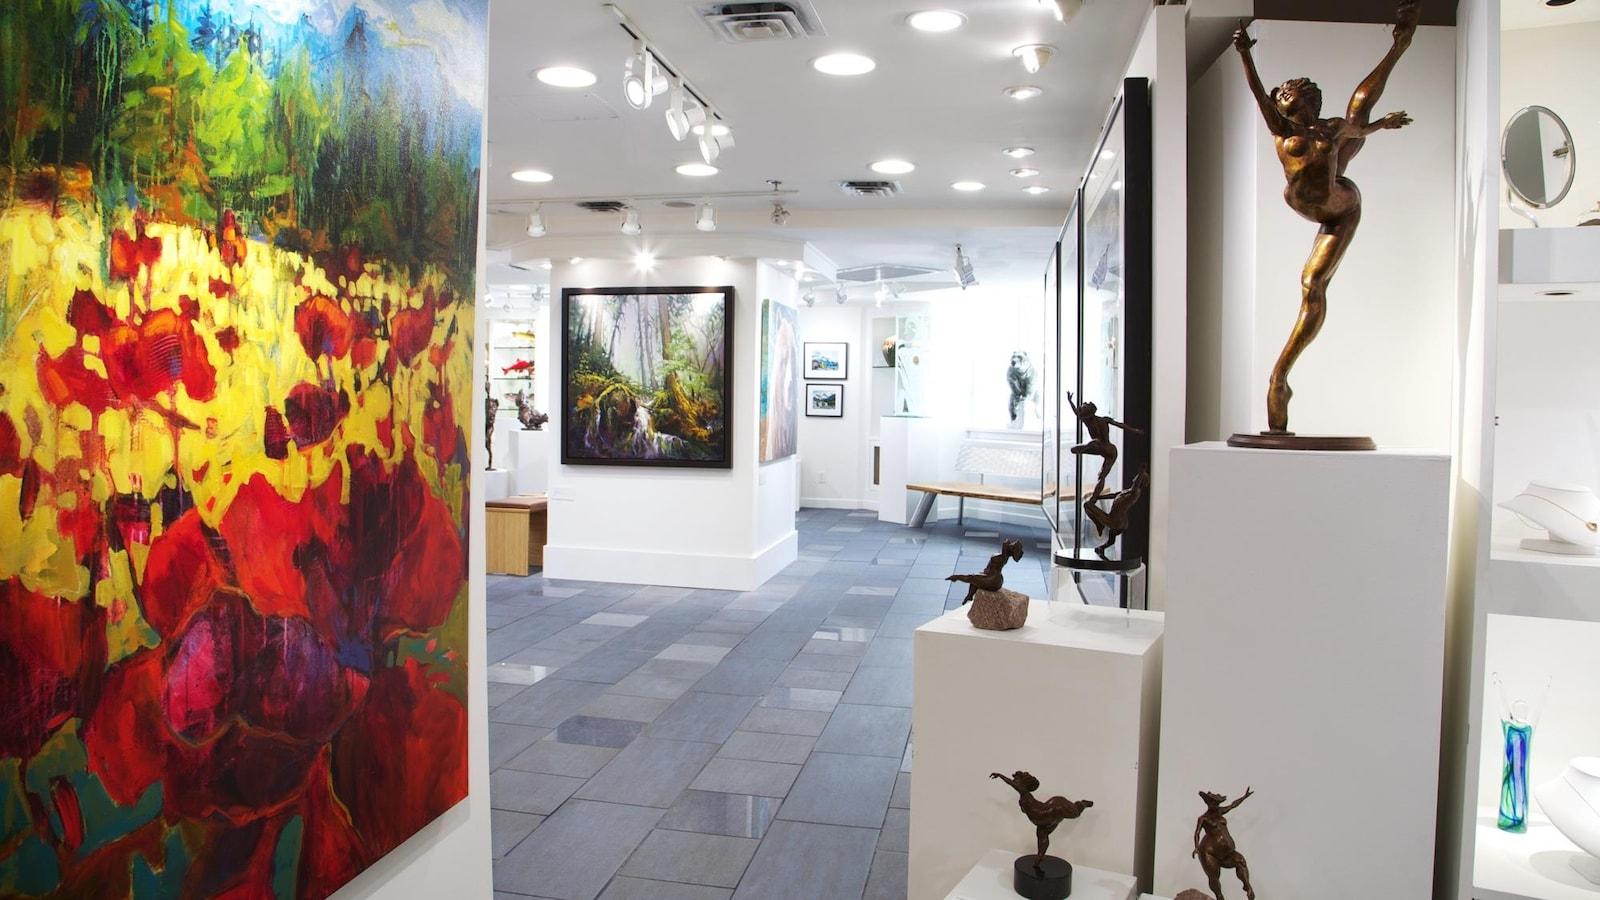 Des oeuvres sont exposées dans une galerie d'arts.